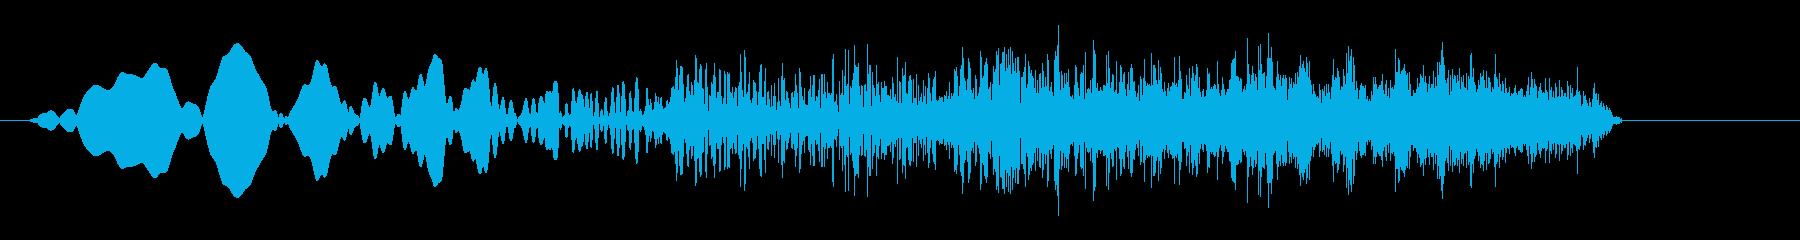 ウィンウィン(余韻↑08)の再生済みの波形